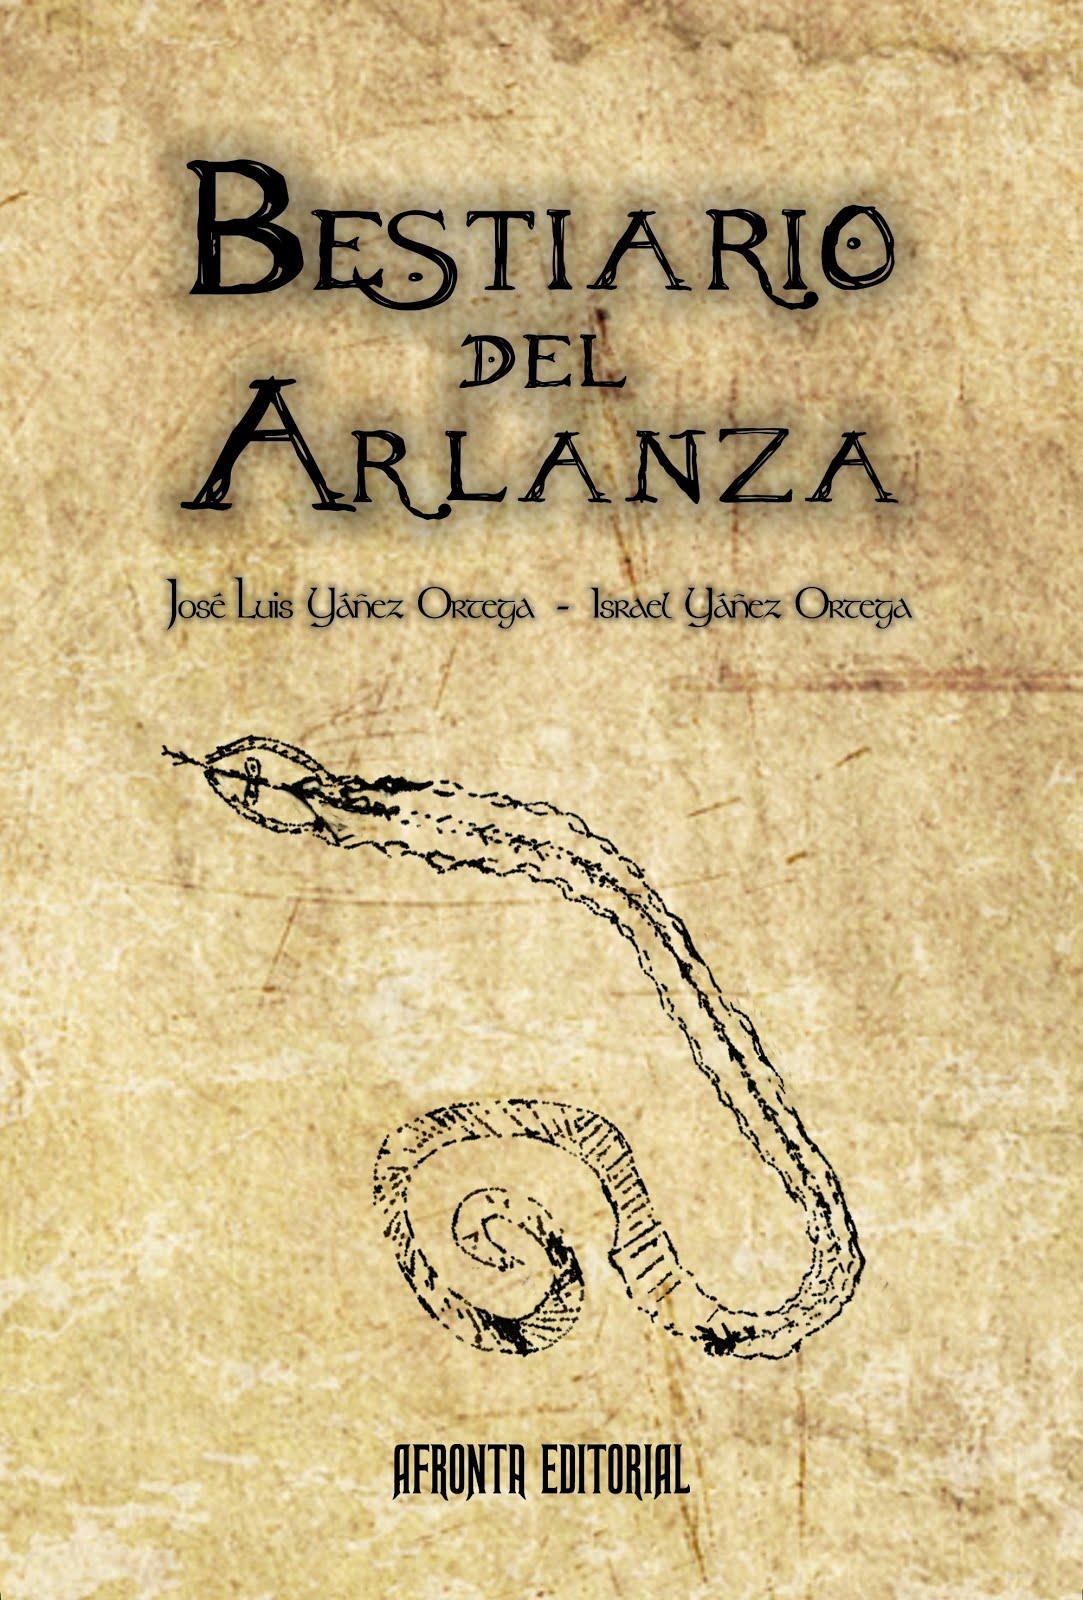 BESTIARIO DEL ARLANZA